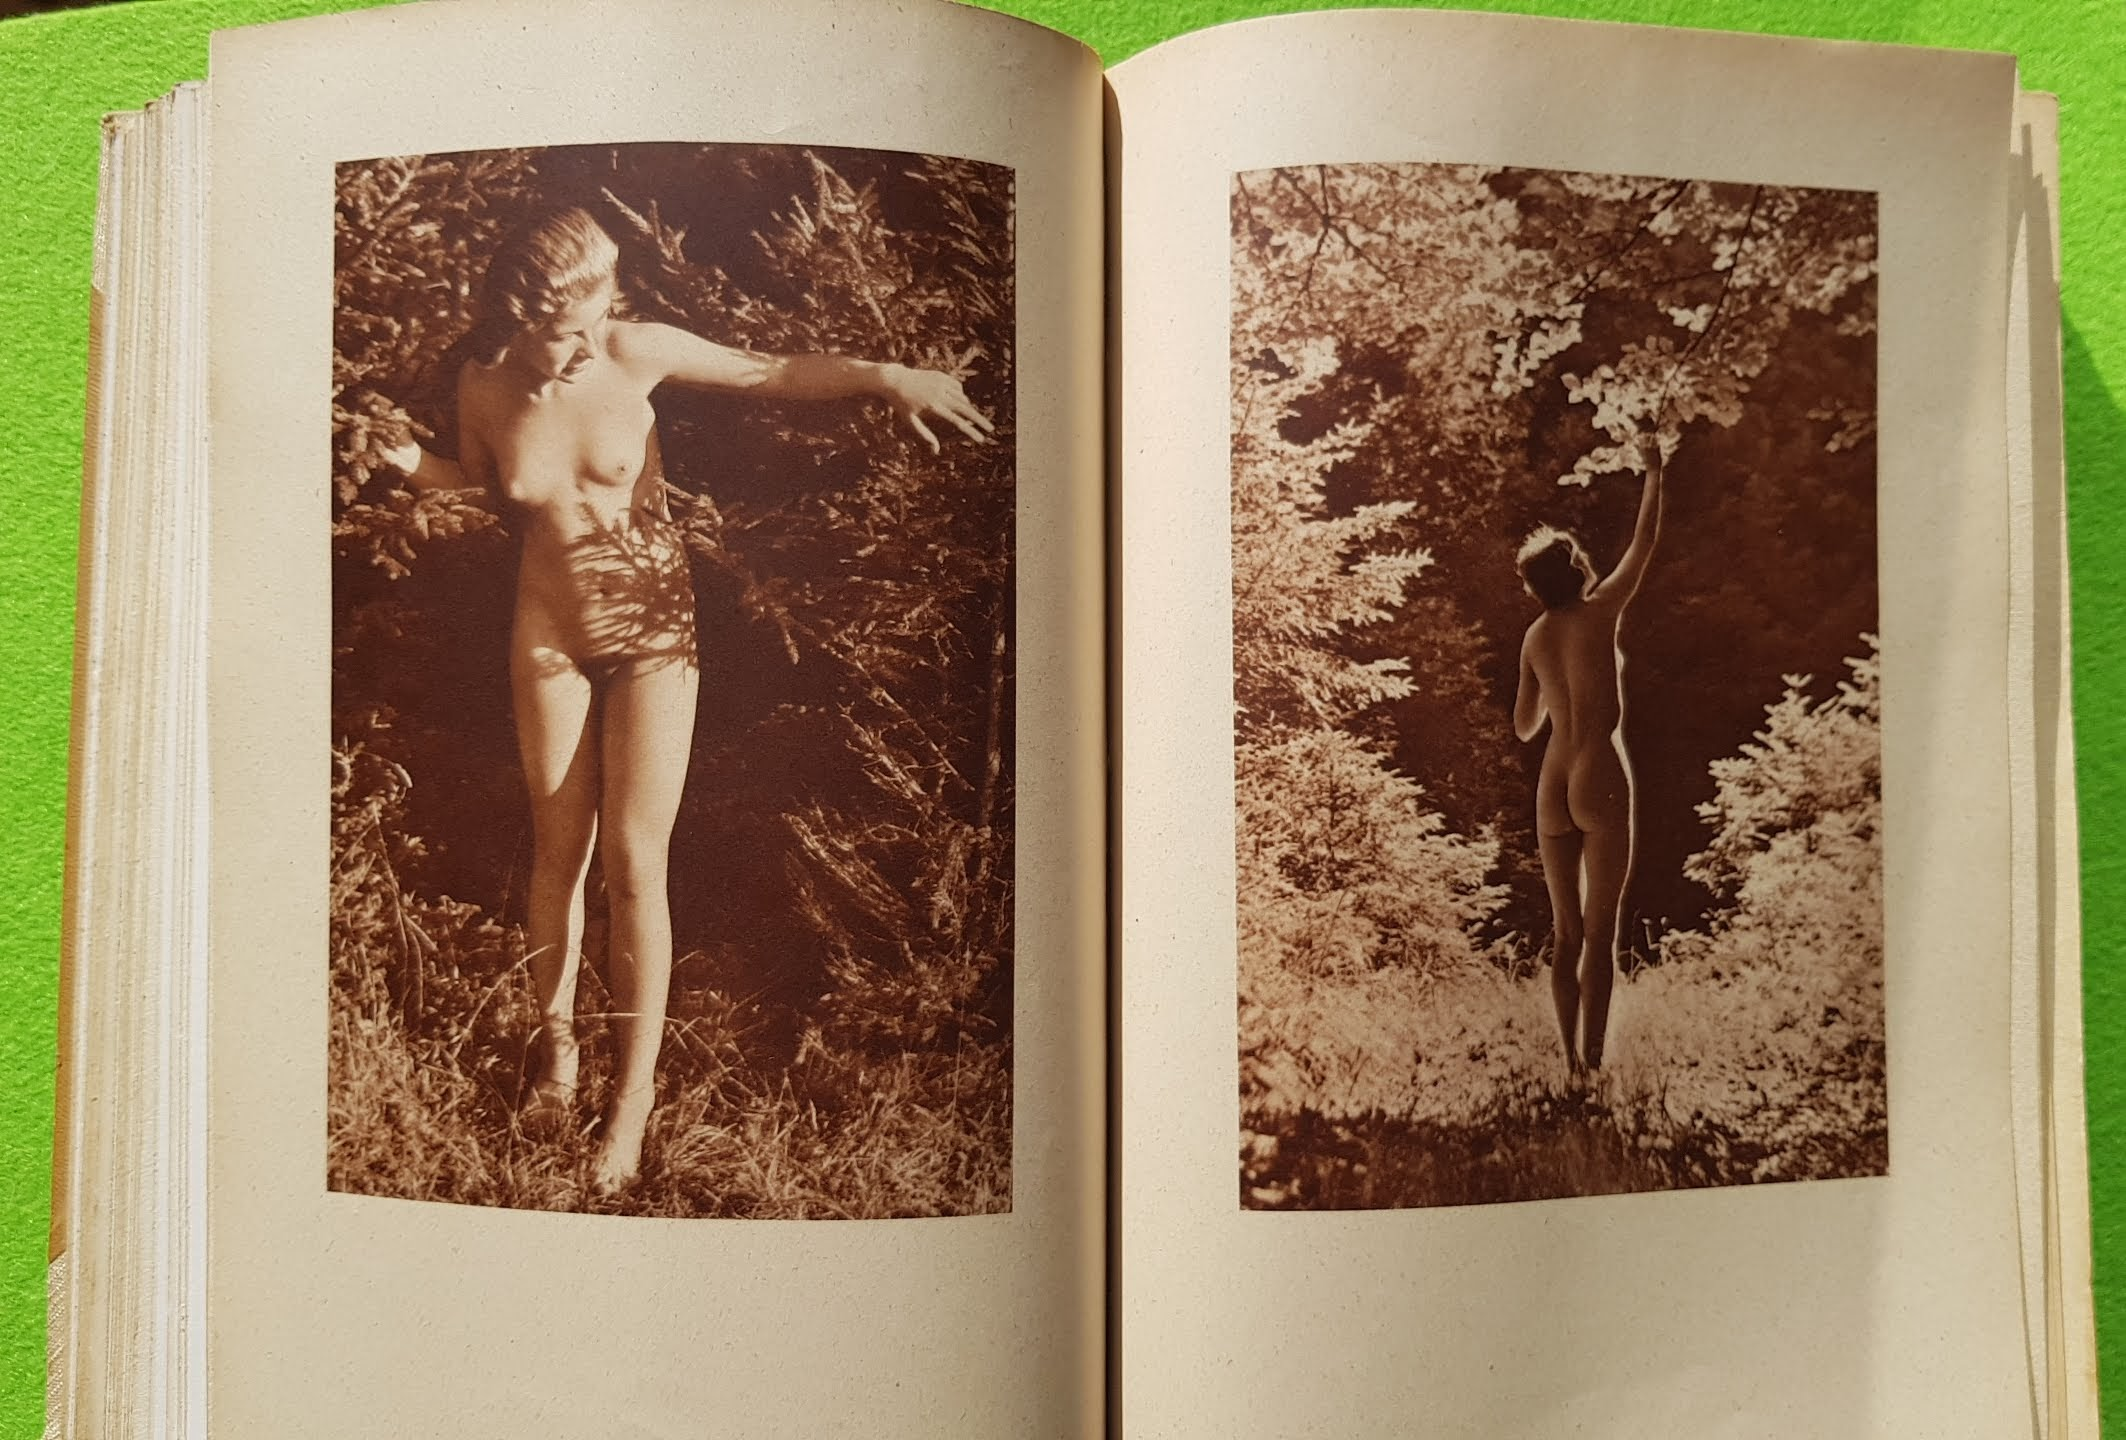 Geist und Schönheit, 1940 - Sammelband mit allen erschienenen Heften plus zwei weiteren Freikörperkultur-Ausgaben